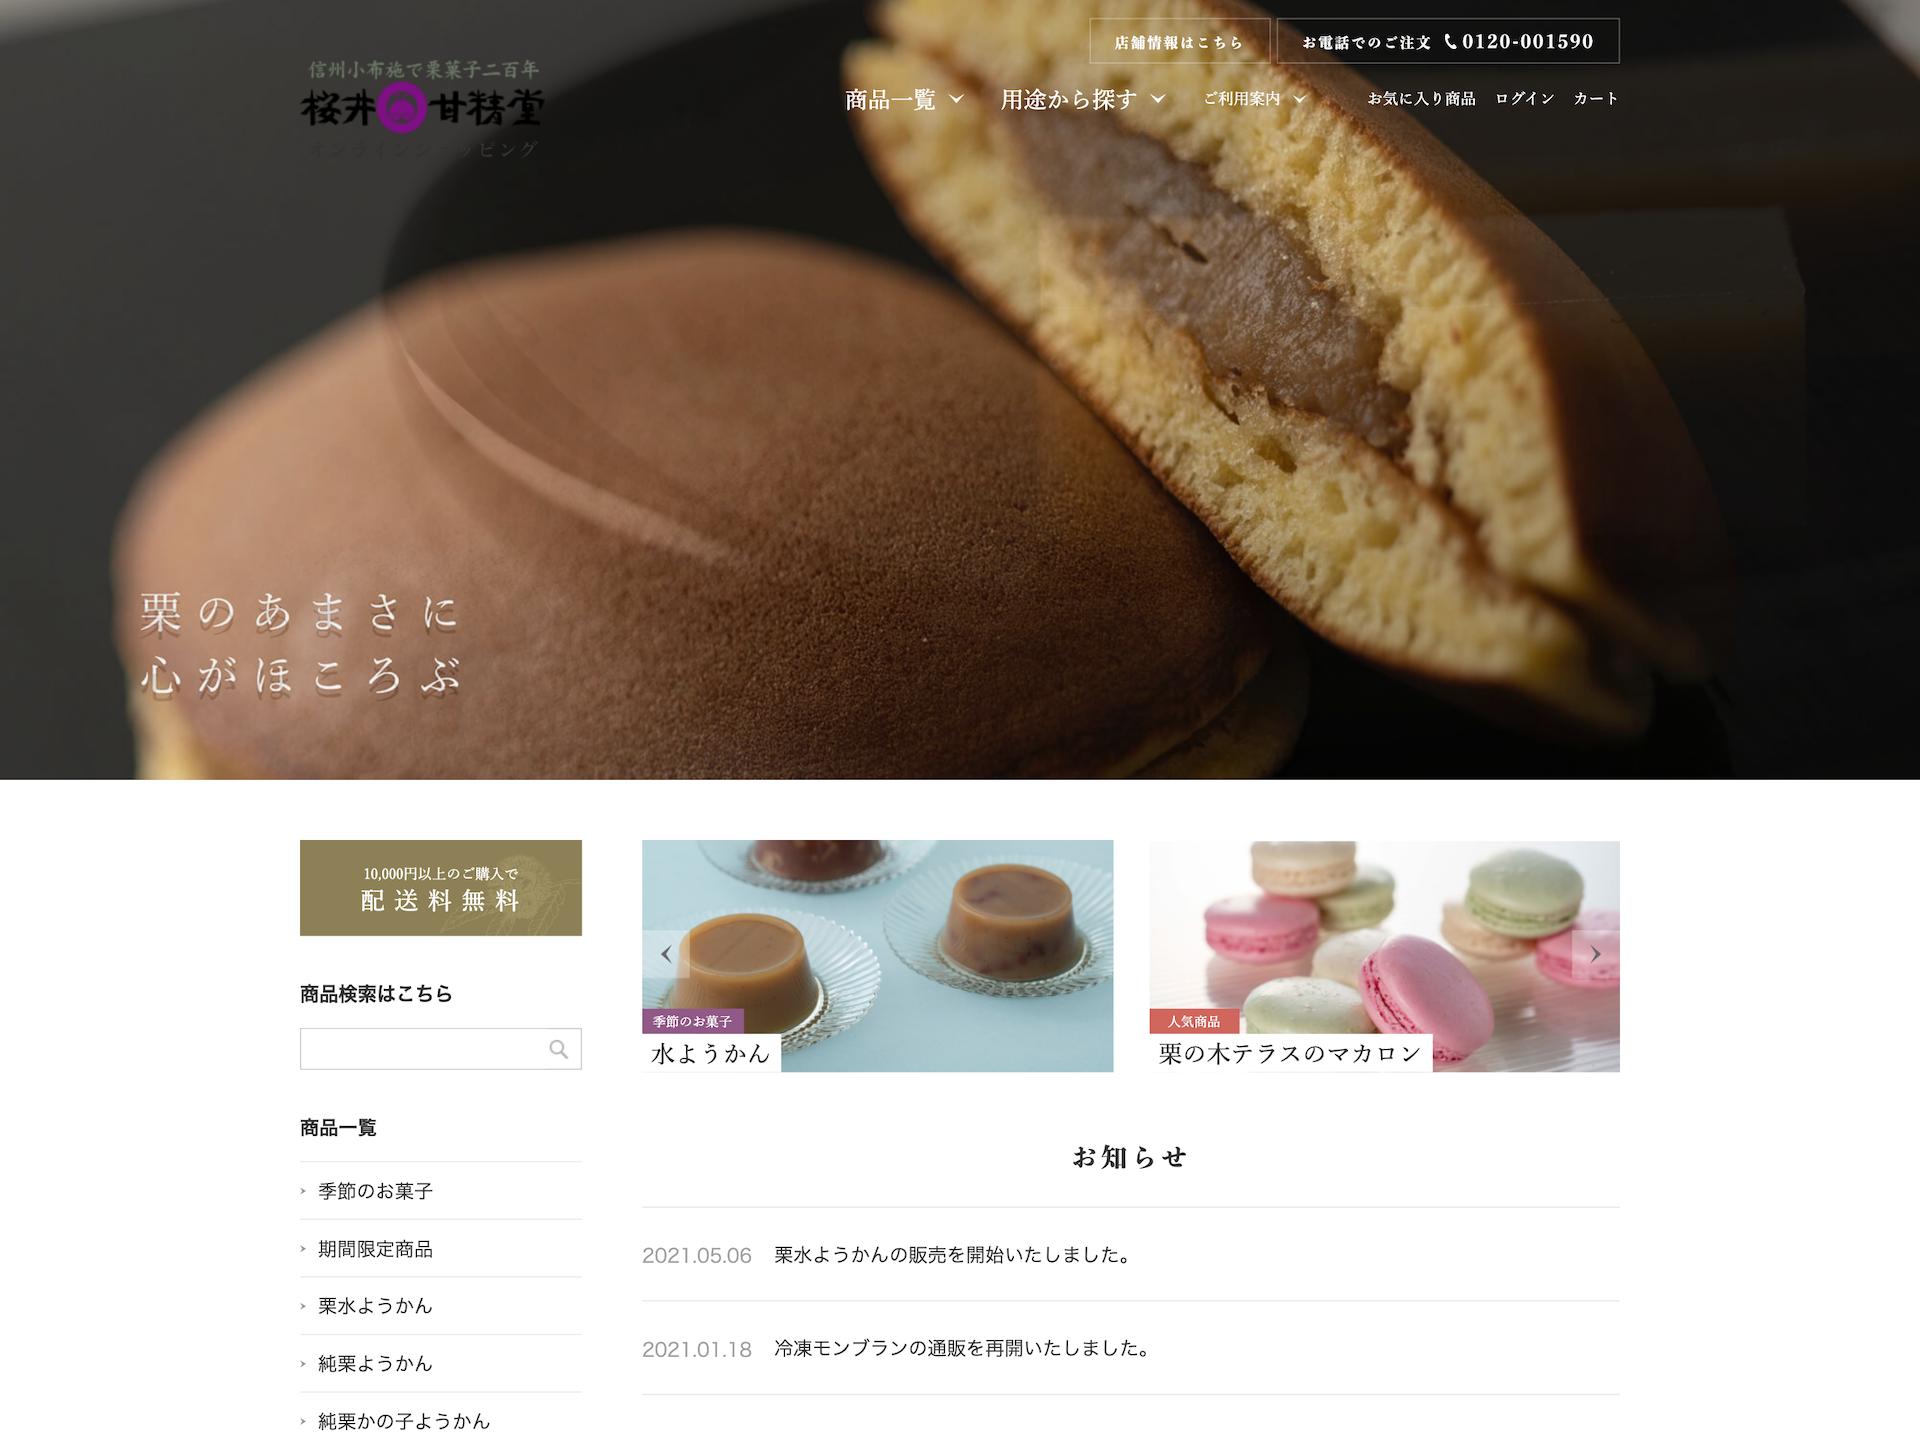 桜井甘精堂 オンラインショッピング